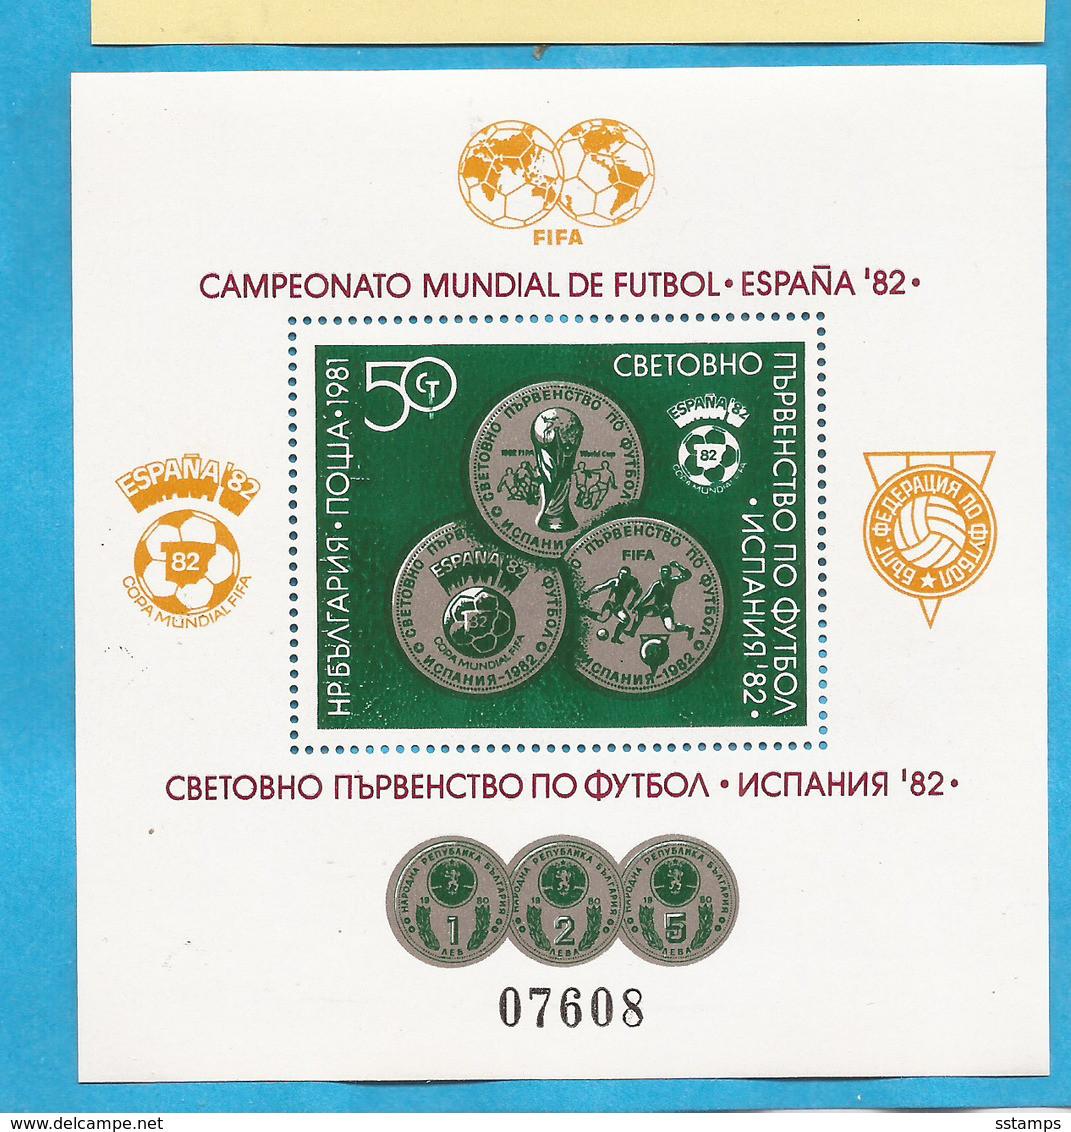 144--  AUSVERKAUF BULGARIA BULGARIEN  SPORT FIFA SPANIEN 1982 CALCIO  BRIEFMARKEN  FUER SAMMLUNG-GUTE QUALITAET  MNH - Hojas Bloque